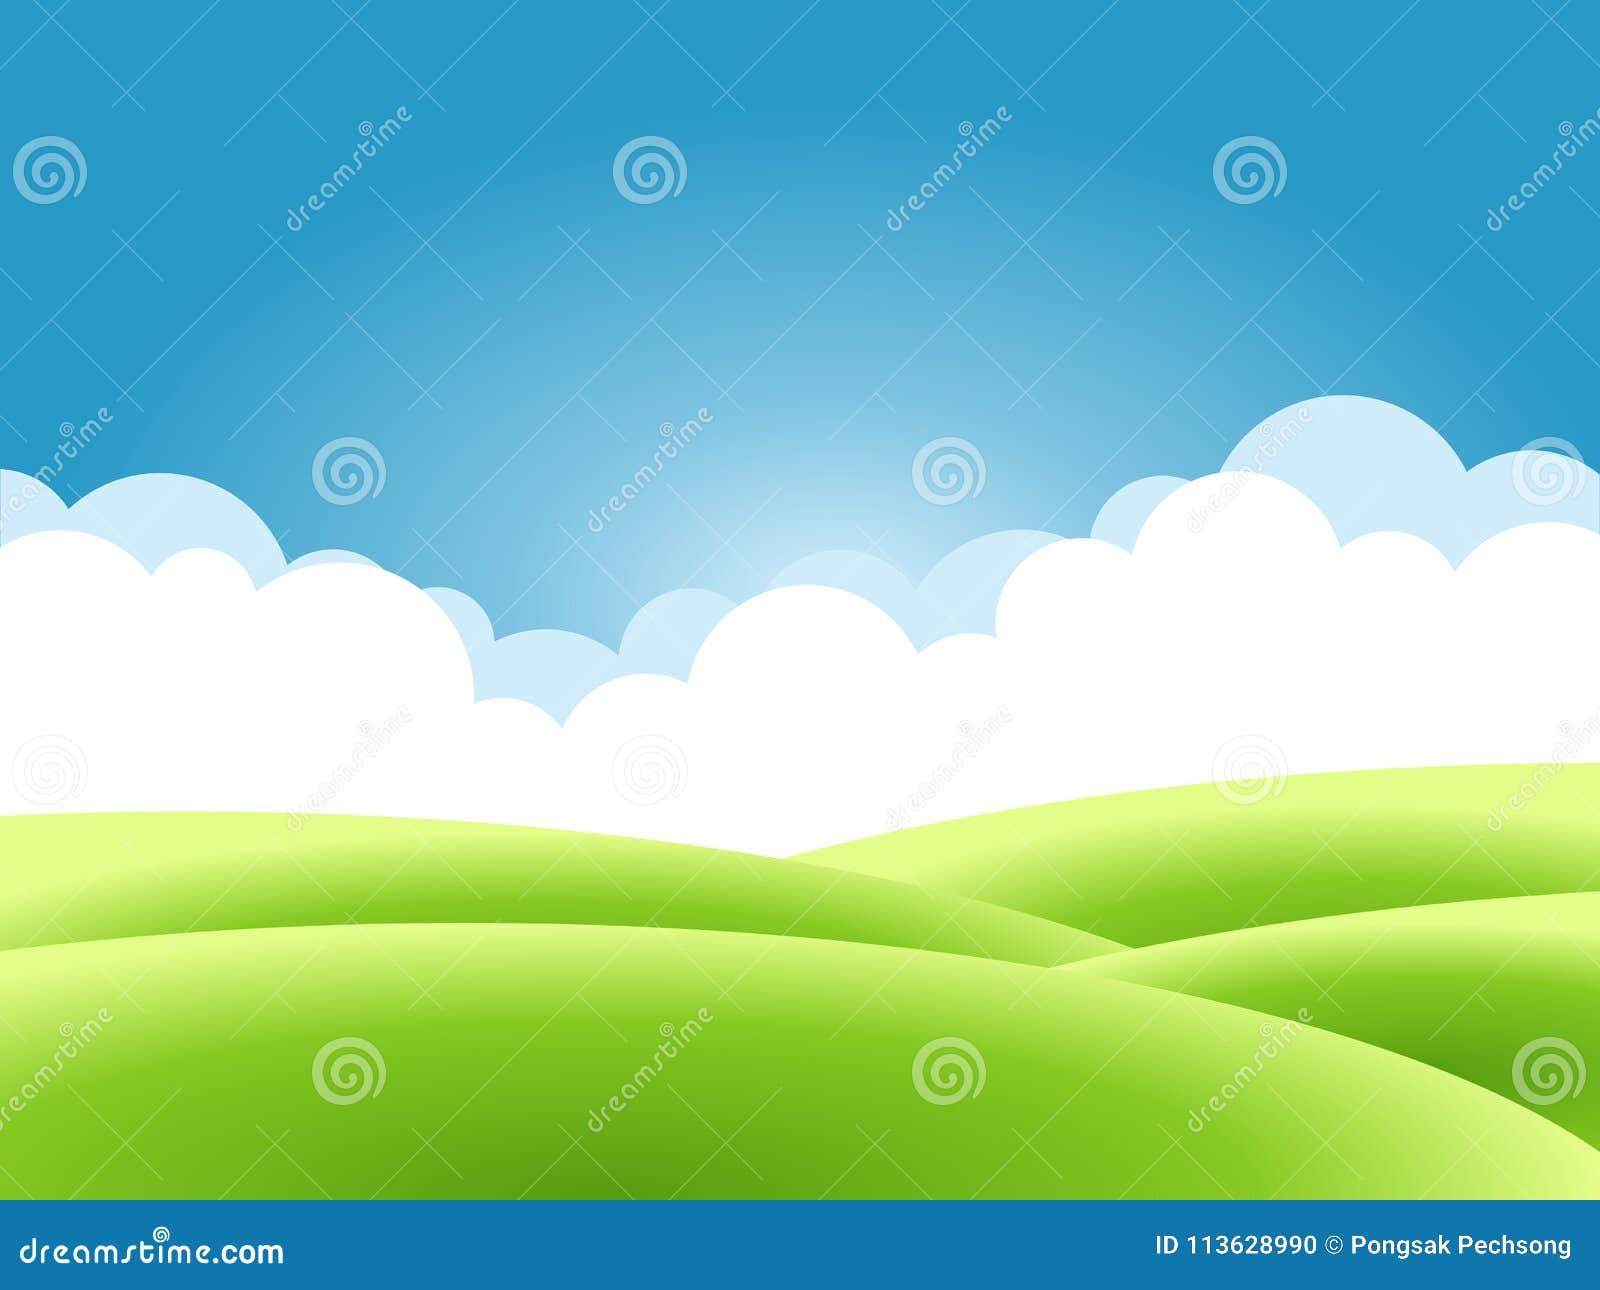 Υπόβαθρο θερινής φύσης, ένα τοπίο με τους πράσινους λόφους και τα λιβάδια, μπλε ουρανός και σύννεφα